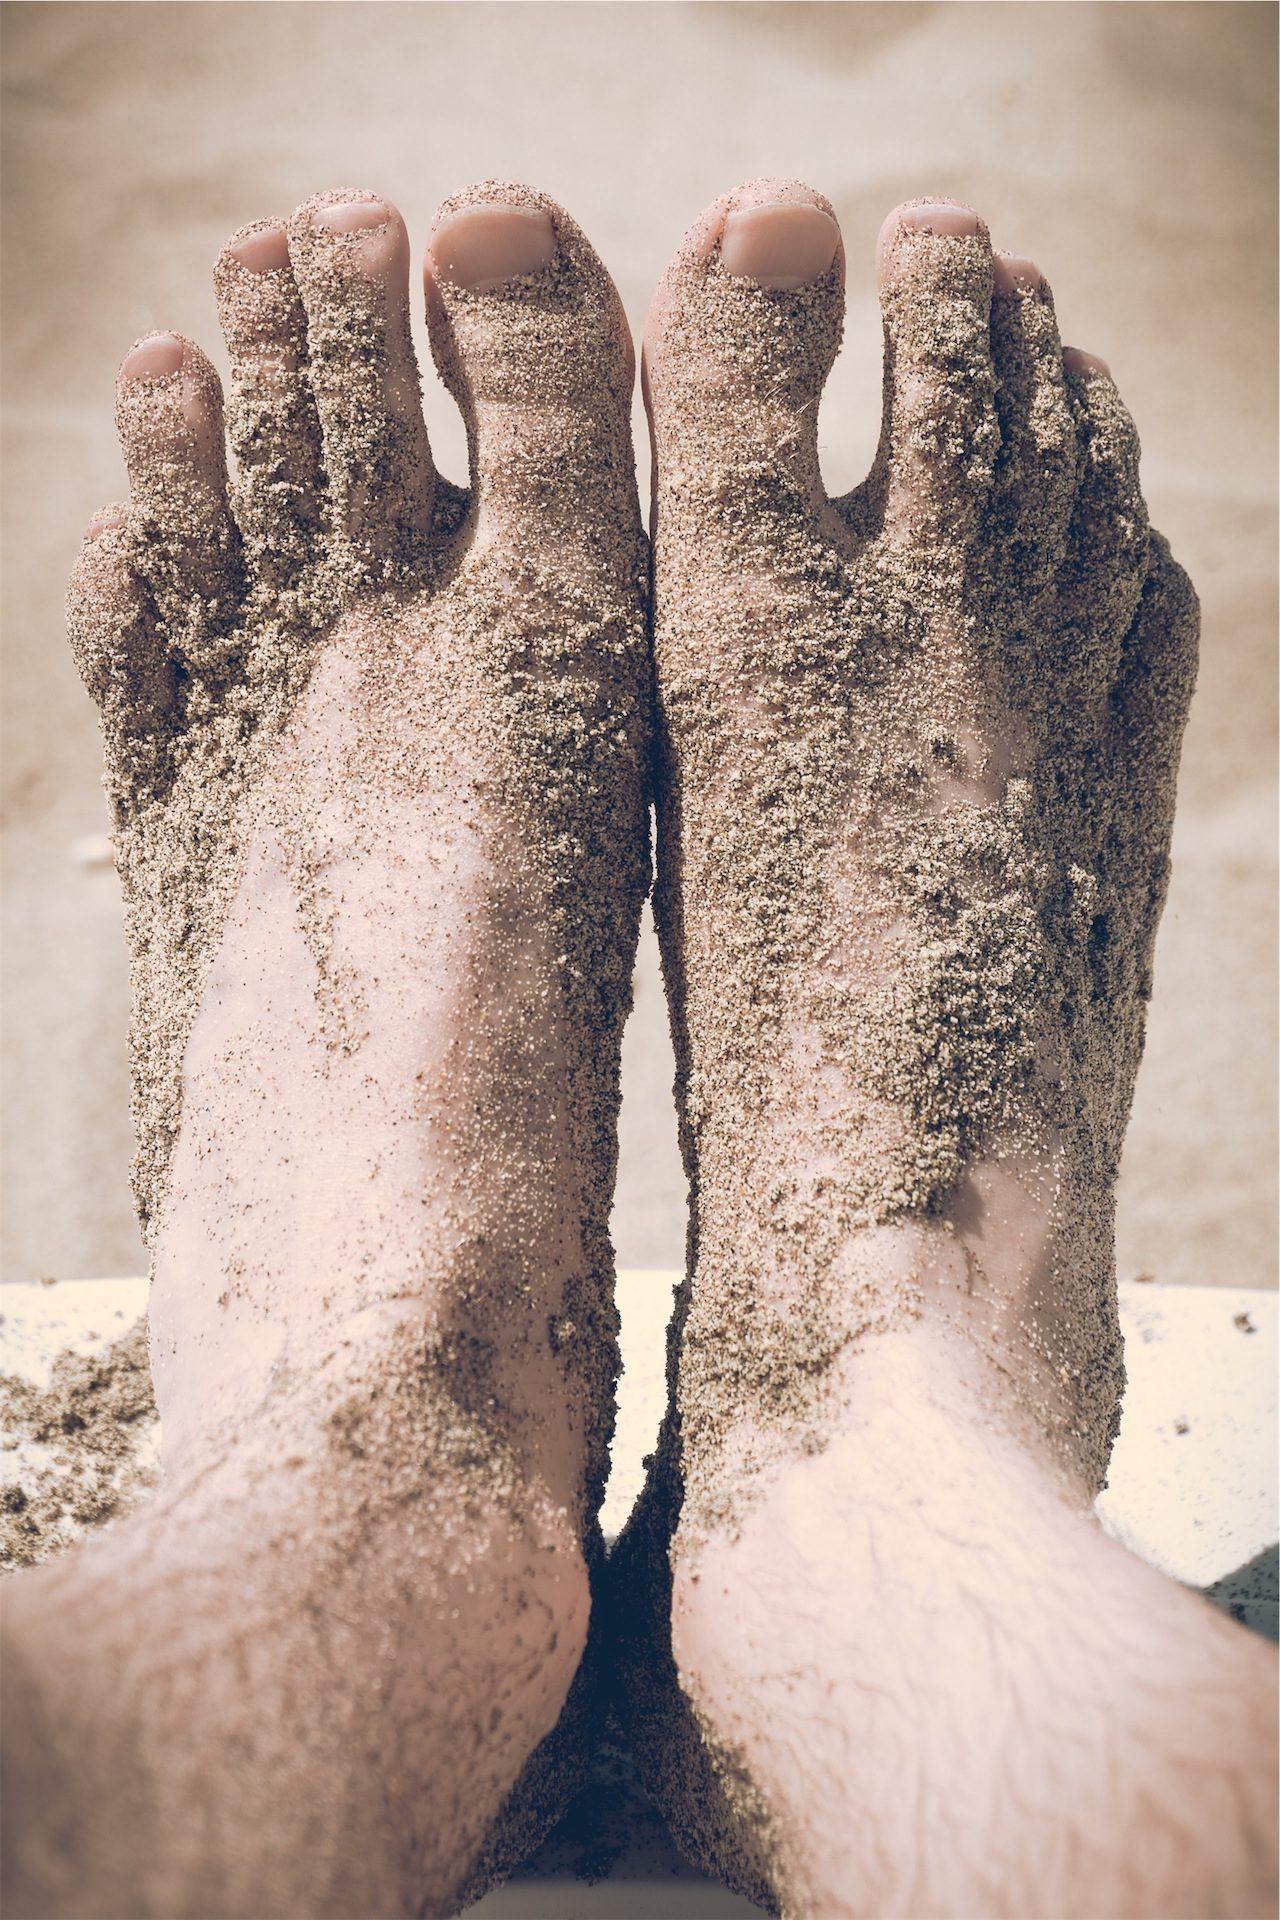 フィート, 砂, 裸足, 汚い, ビーチ - HD の壁紙 - 教授-falken.com